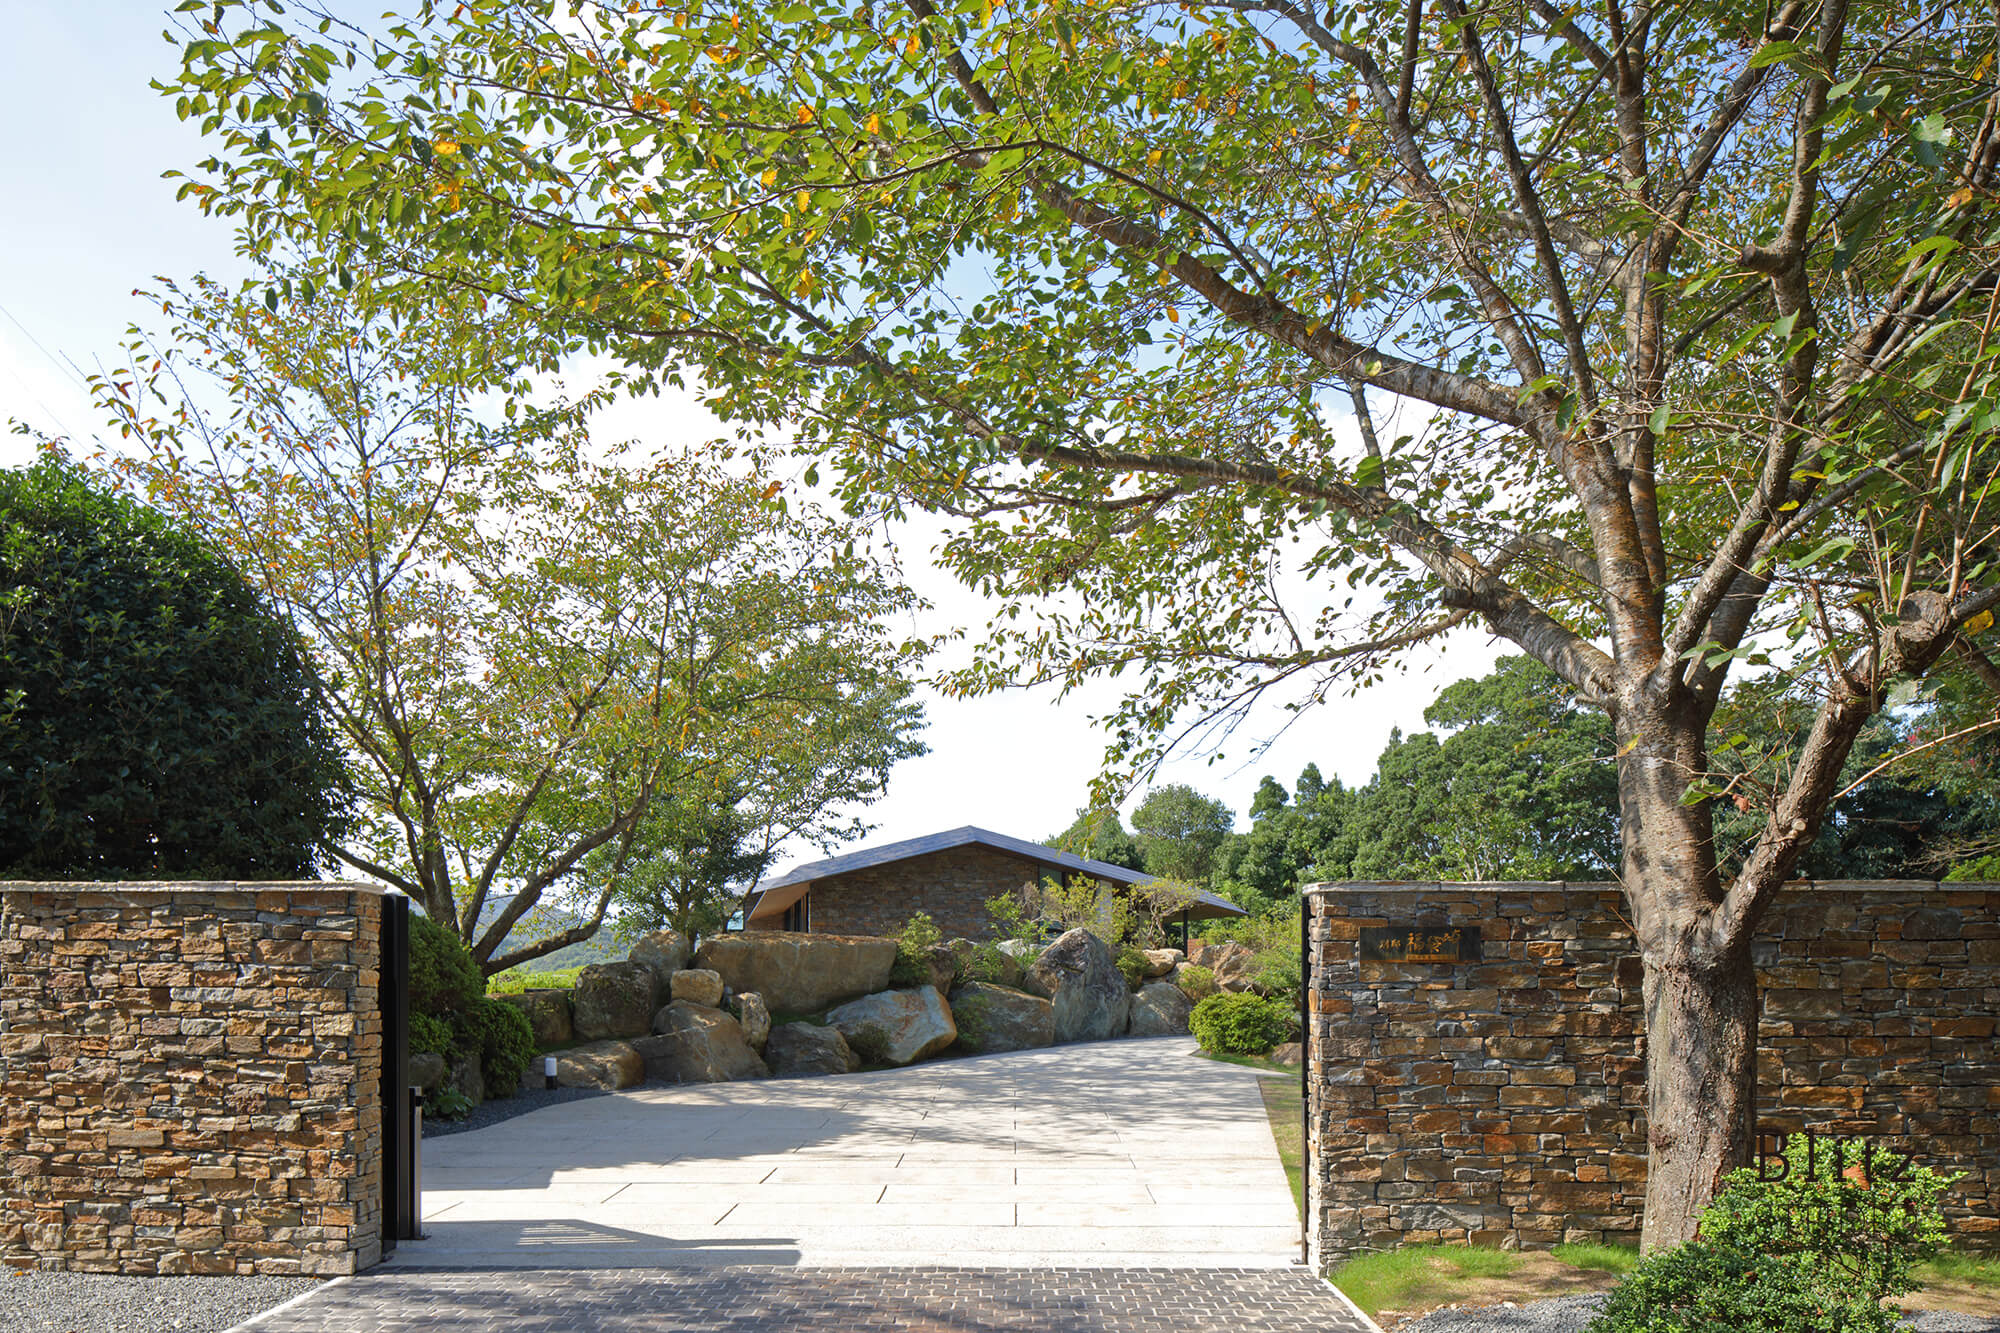 『西海のセカンドハウス 別邸 福袋崎』-長崎県西海市-建築写真・竣工写真・インテリア写真2